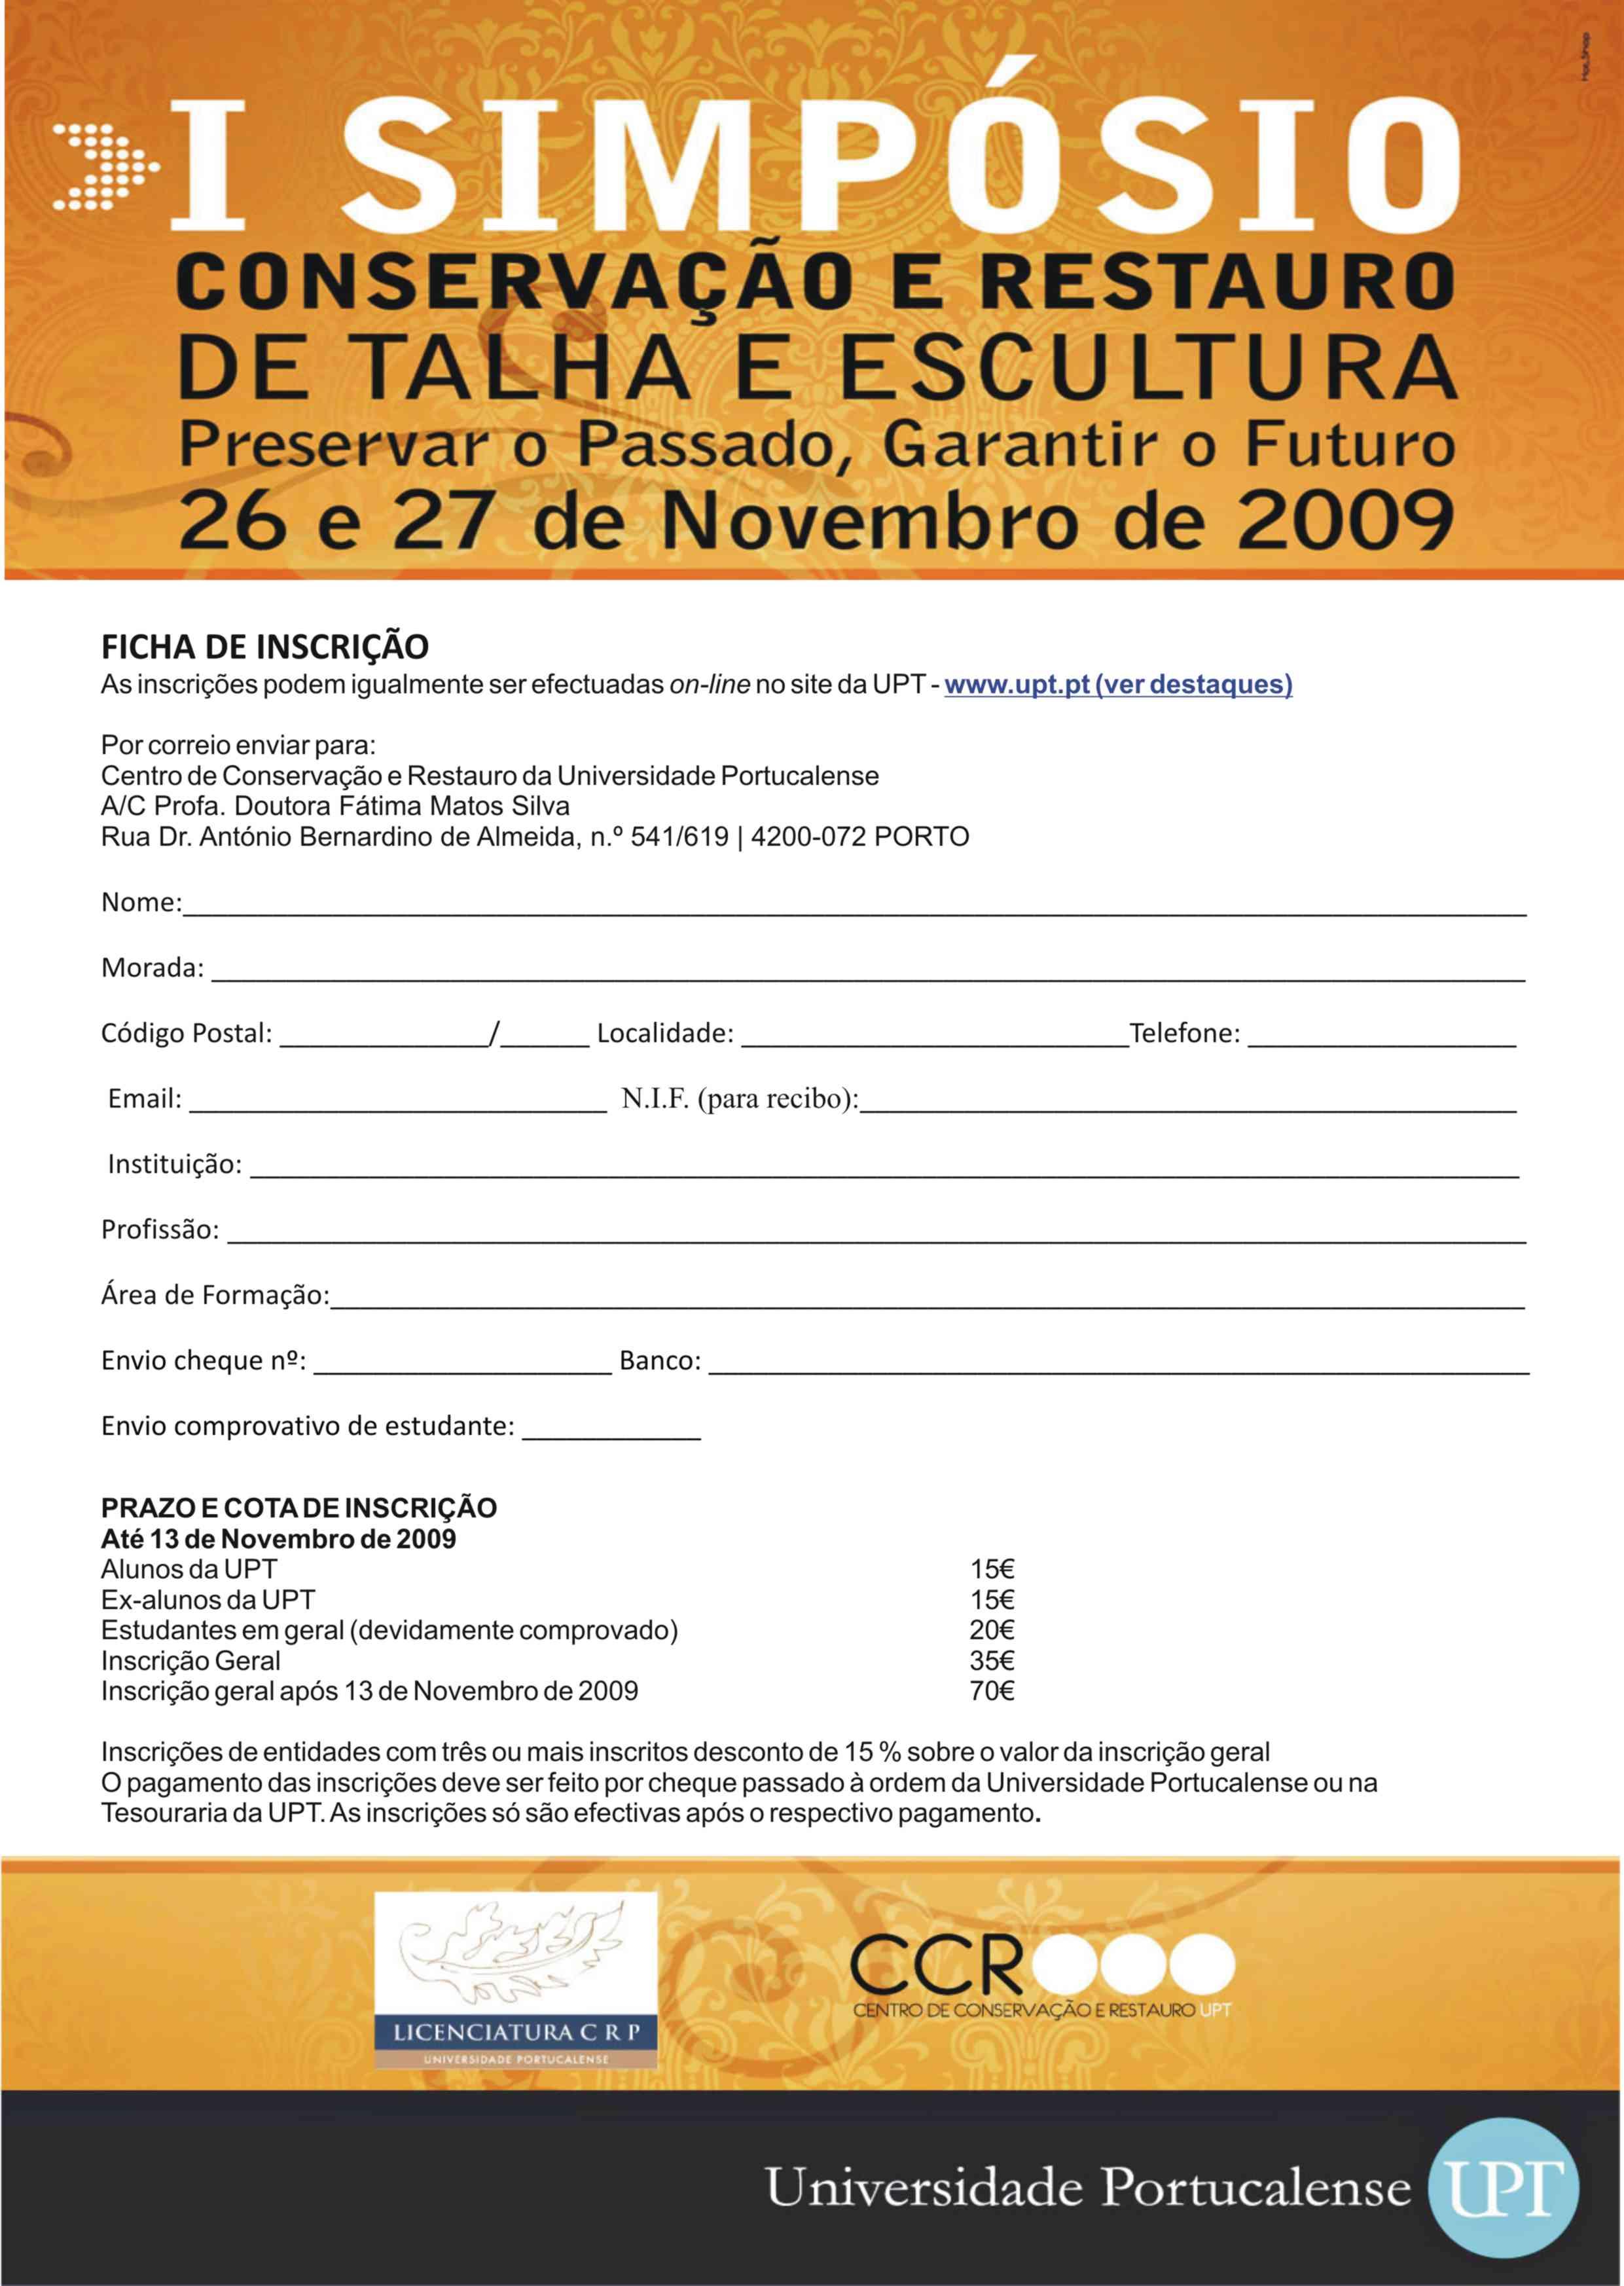 Phd thesis itay portugal